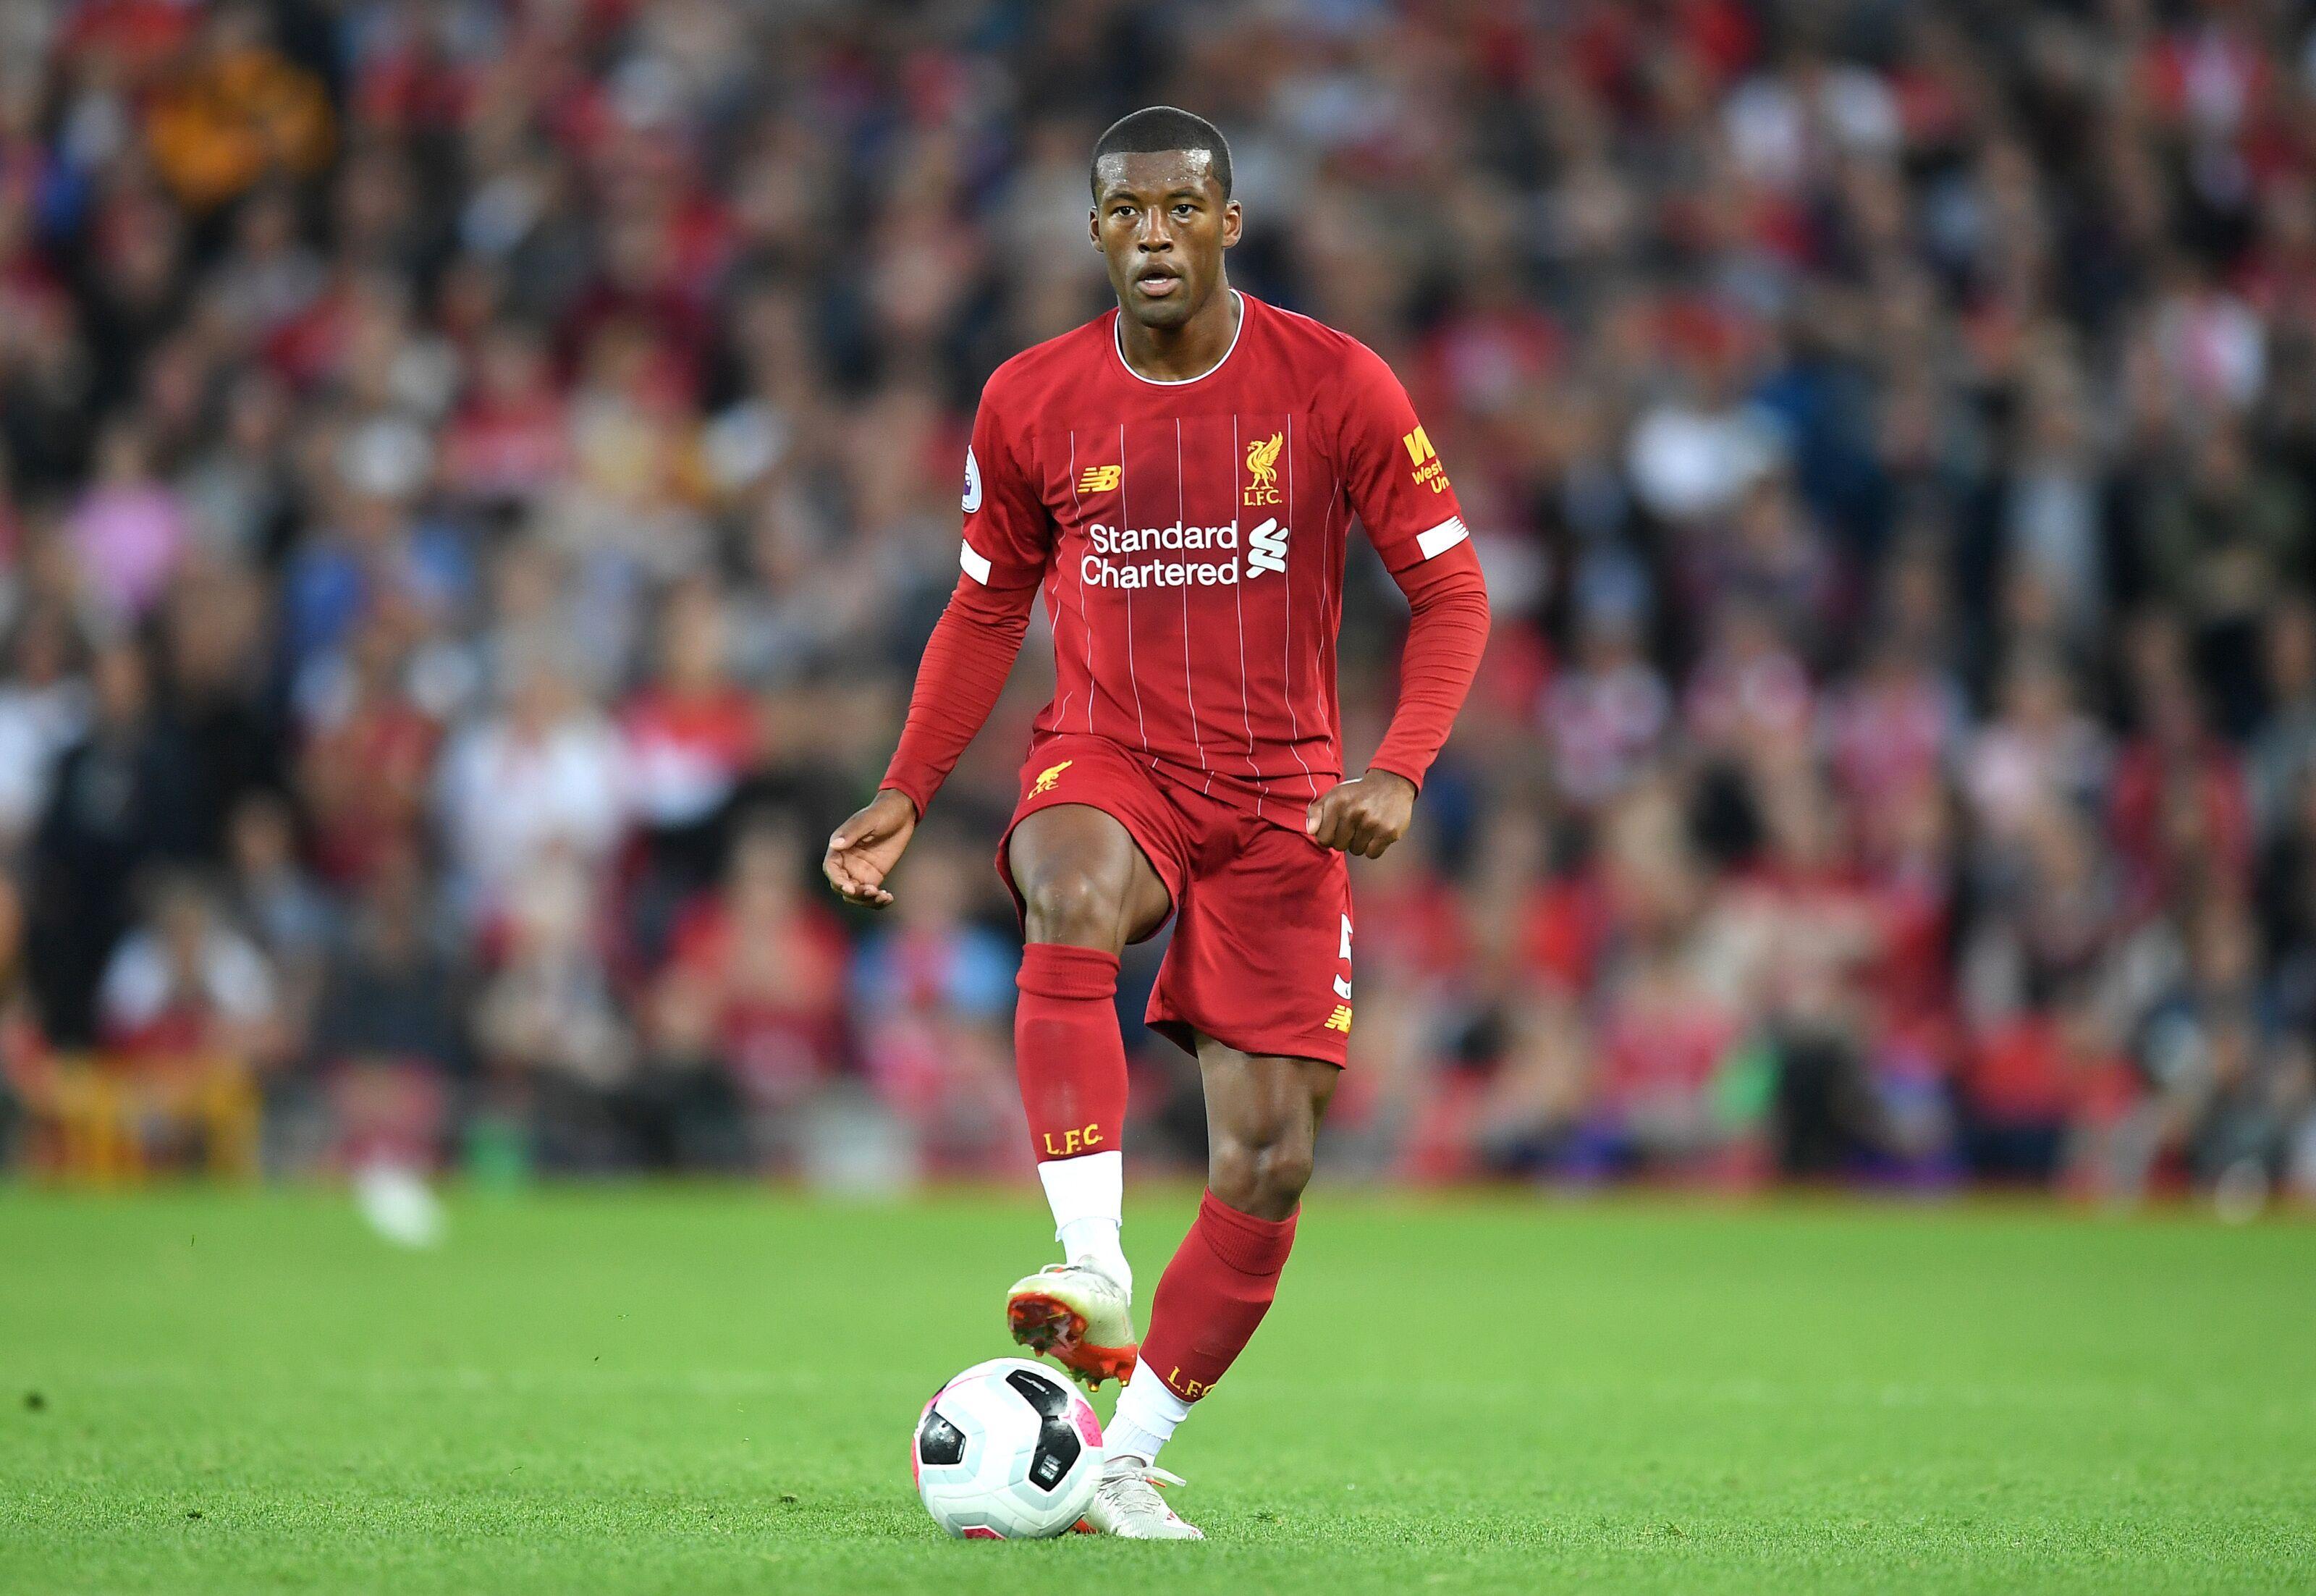 Agent Wijnaldum: Liverpool star helps huge transfer happen